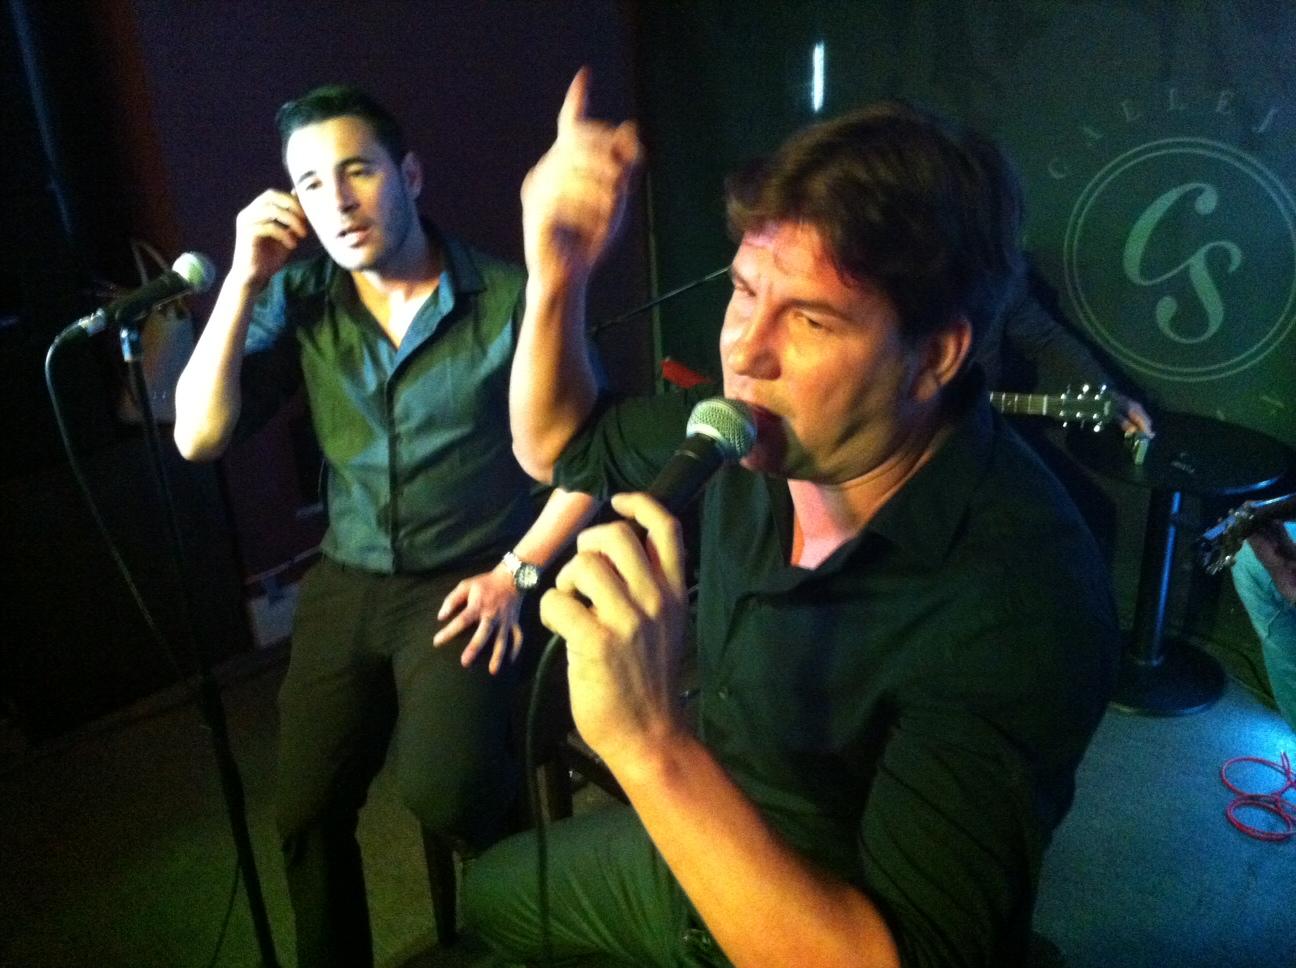 El duo andy y lucas durante una actuación en directo